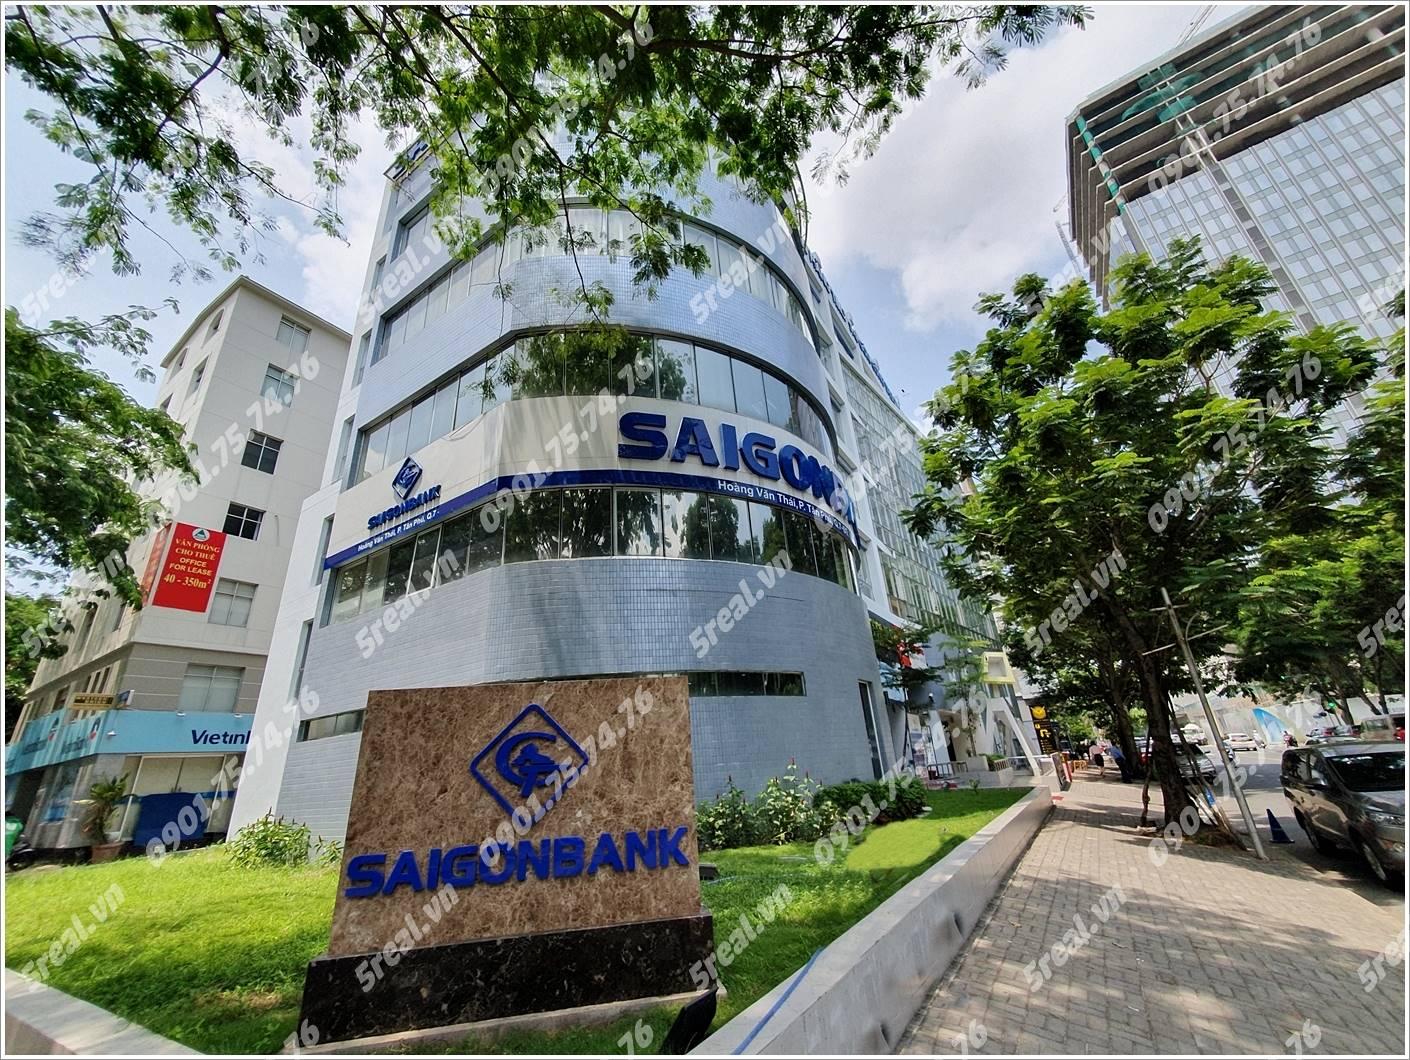 saigon-bank-building-hoang-van-thai-quan-7-van-phong-cho-thue-5real.vn-01